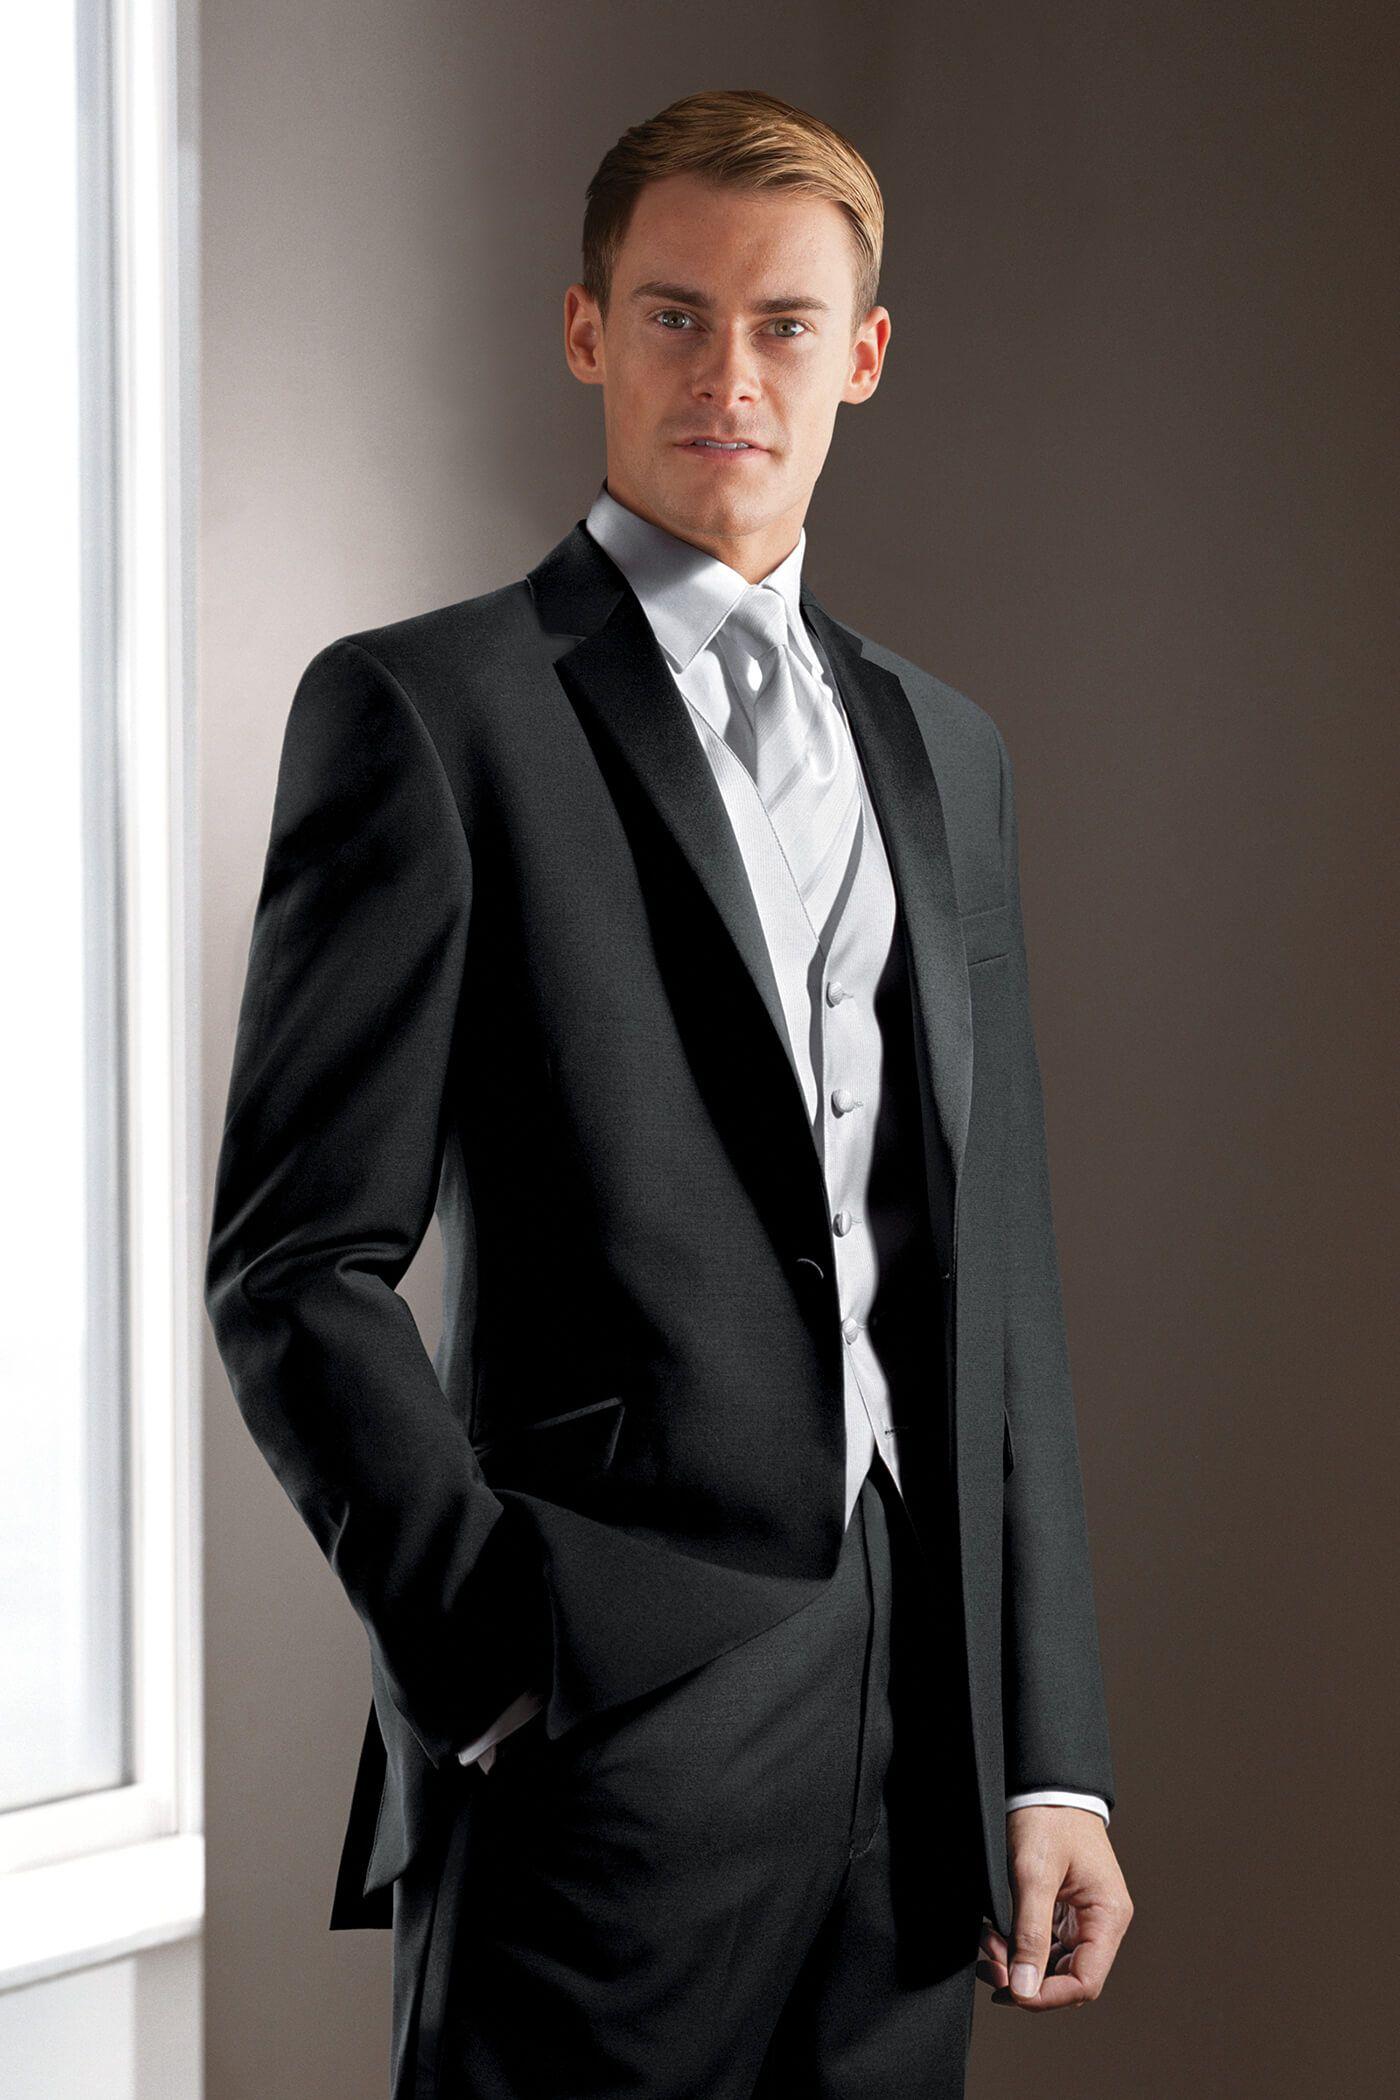 Wear a stylish tuxedo pánská móda tuxedos pinterest james